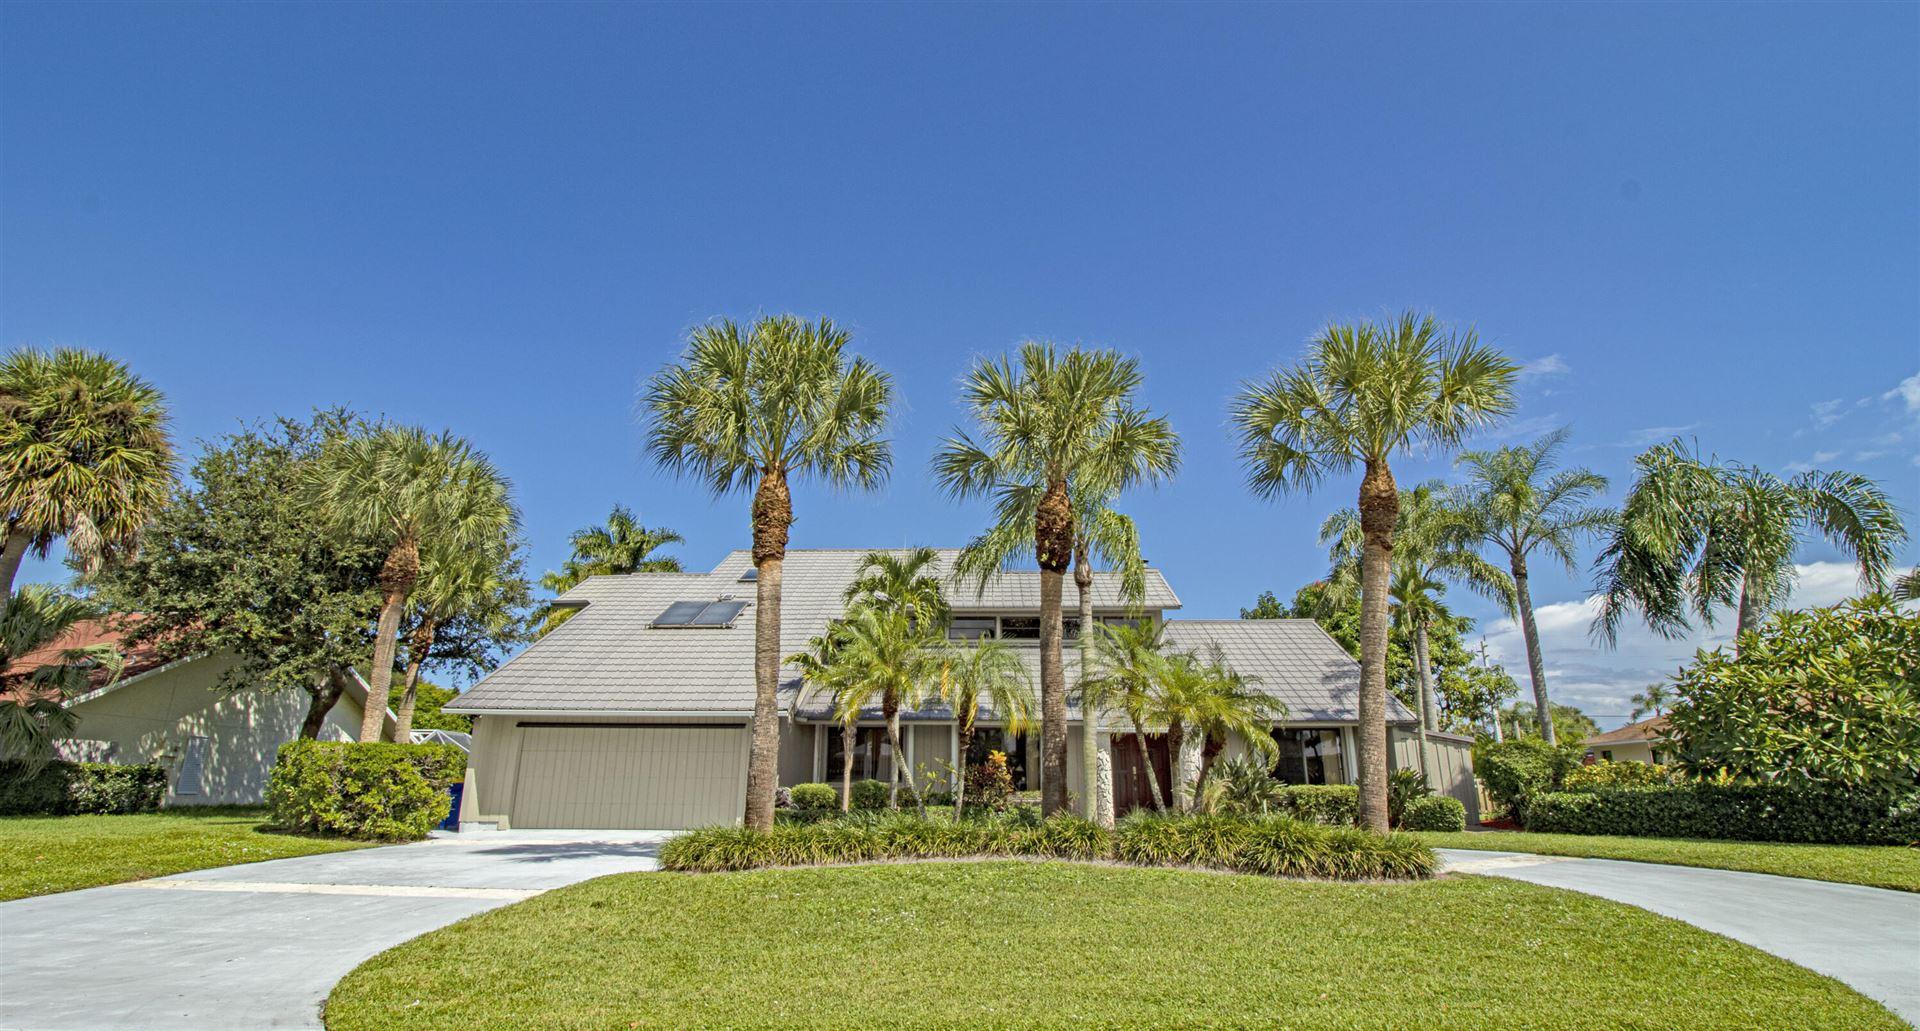 Photo of 9267 SE Gettyburg Court, Hobe Sound, FL 33455 (MLS # RX-10751977)